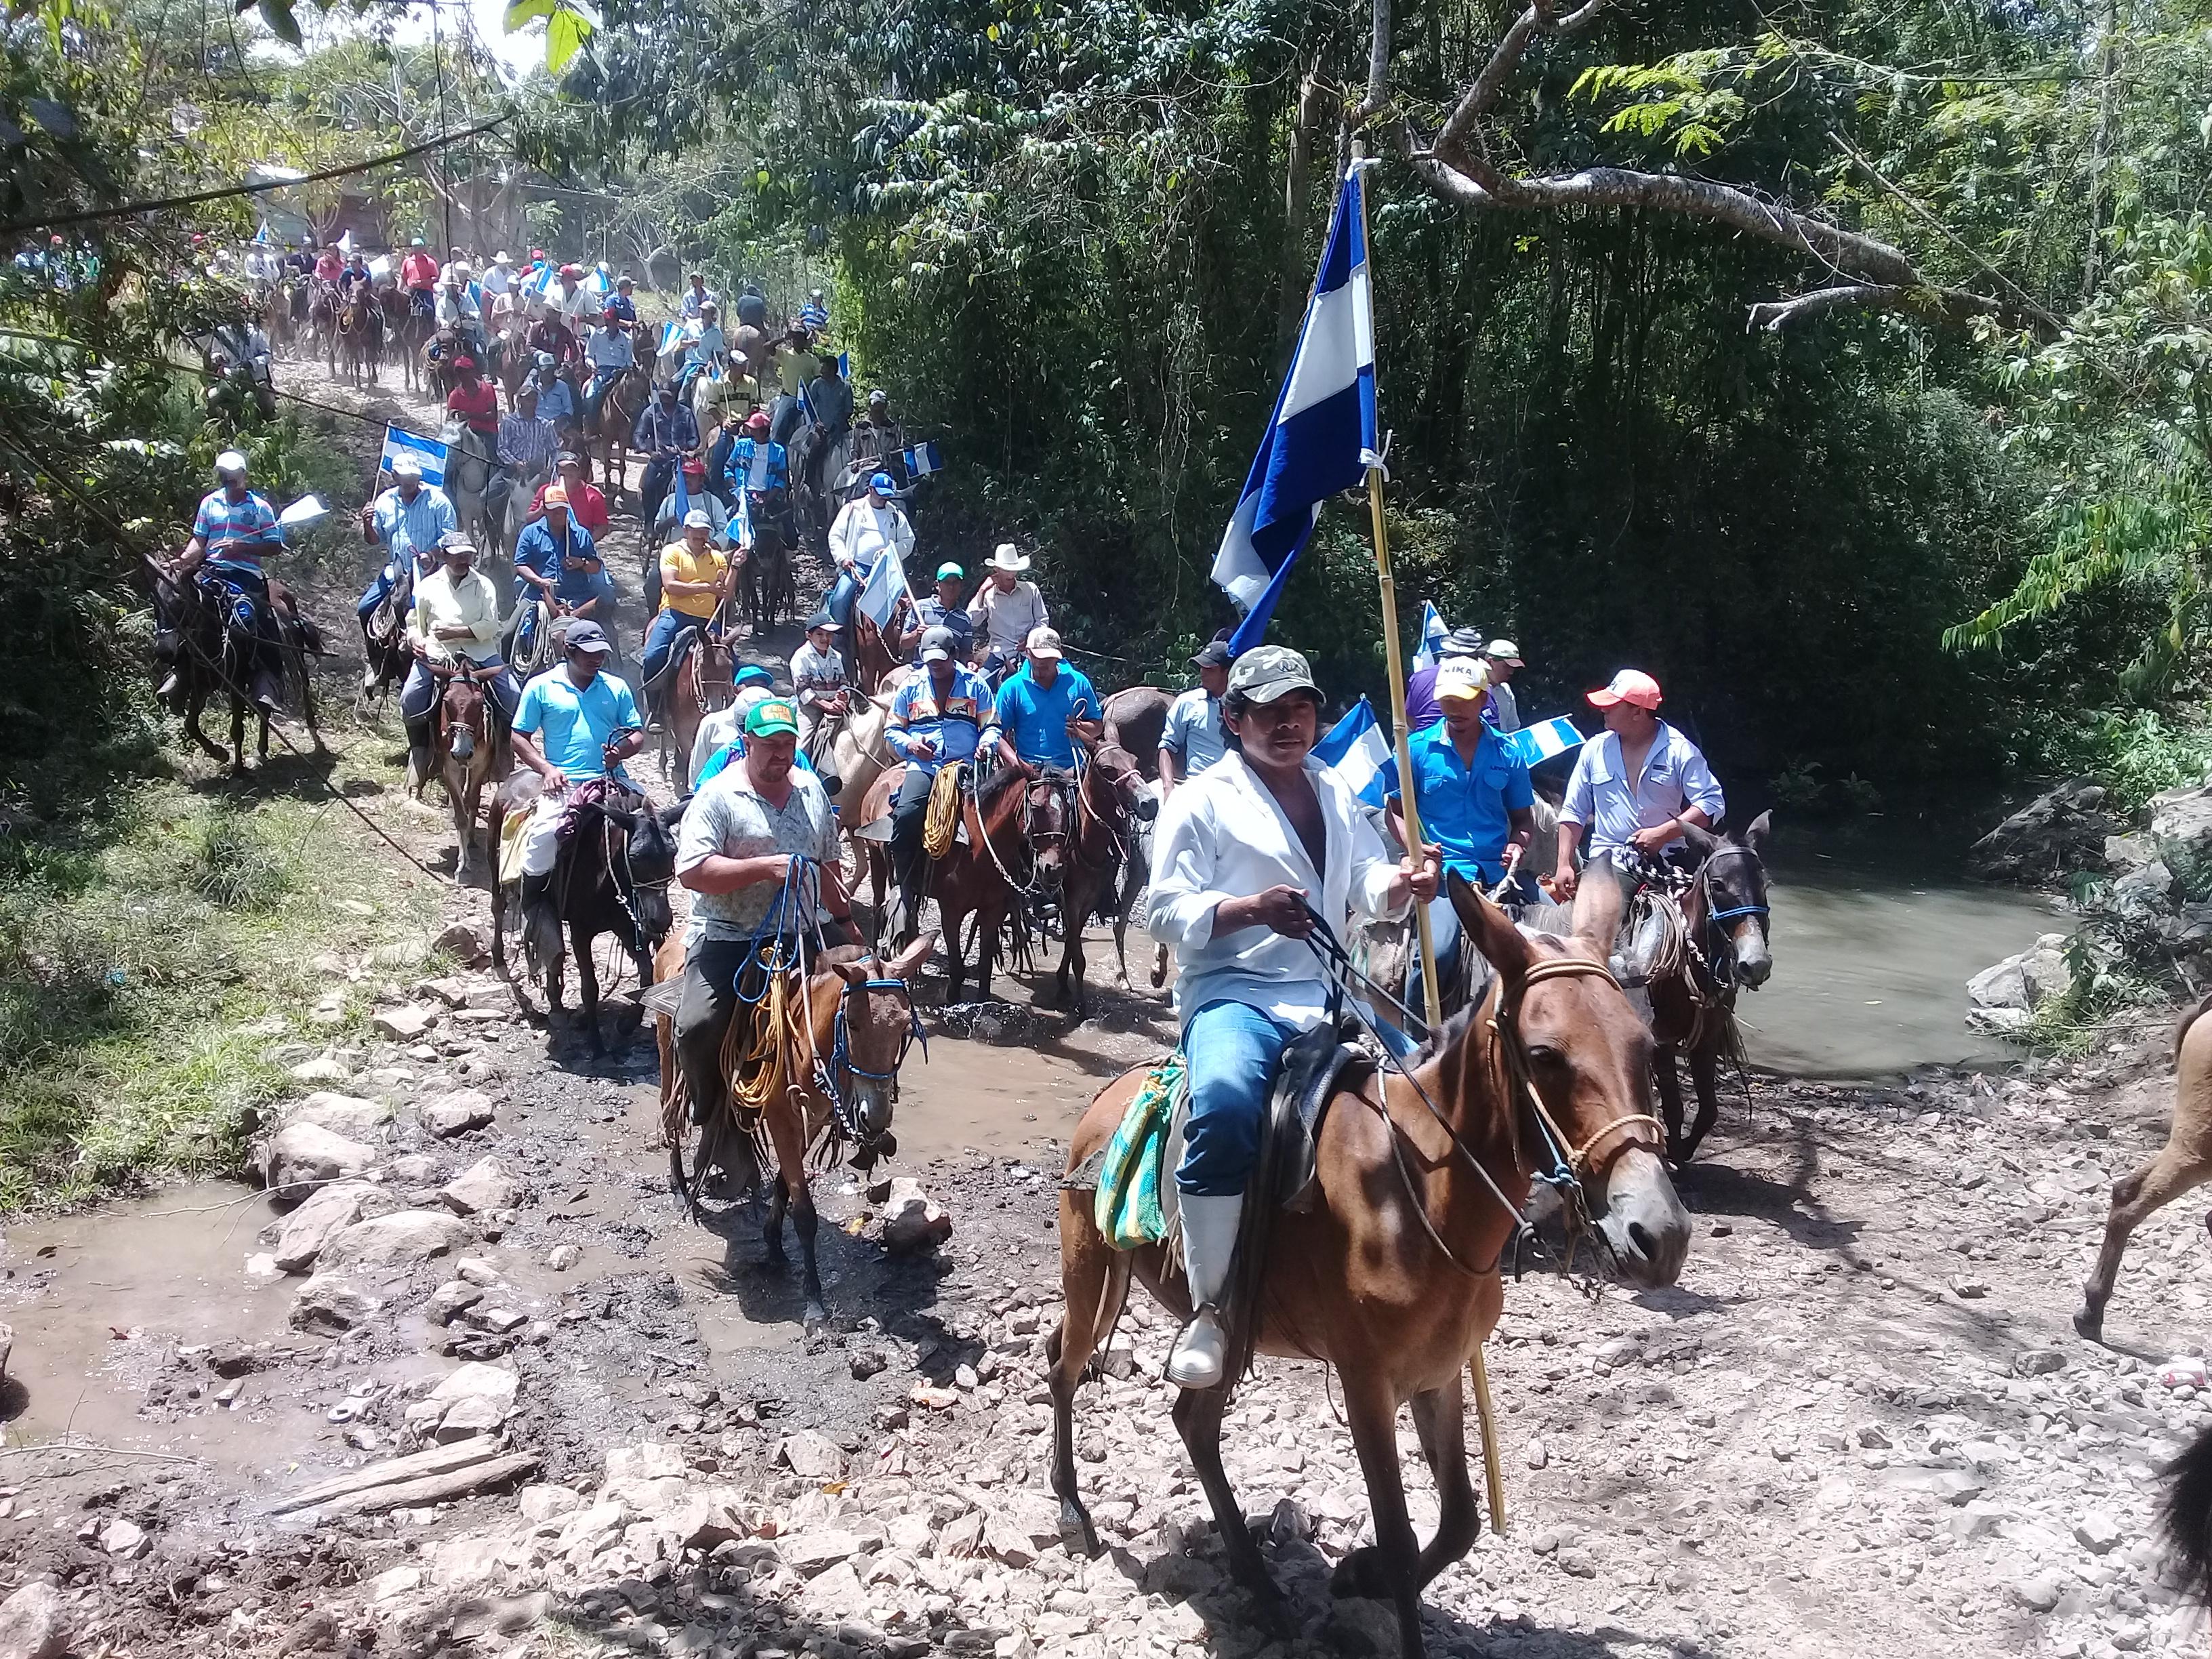 Campesinos resisten en marcha No. 96. Fotografía: Abixael MG/Artículo66